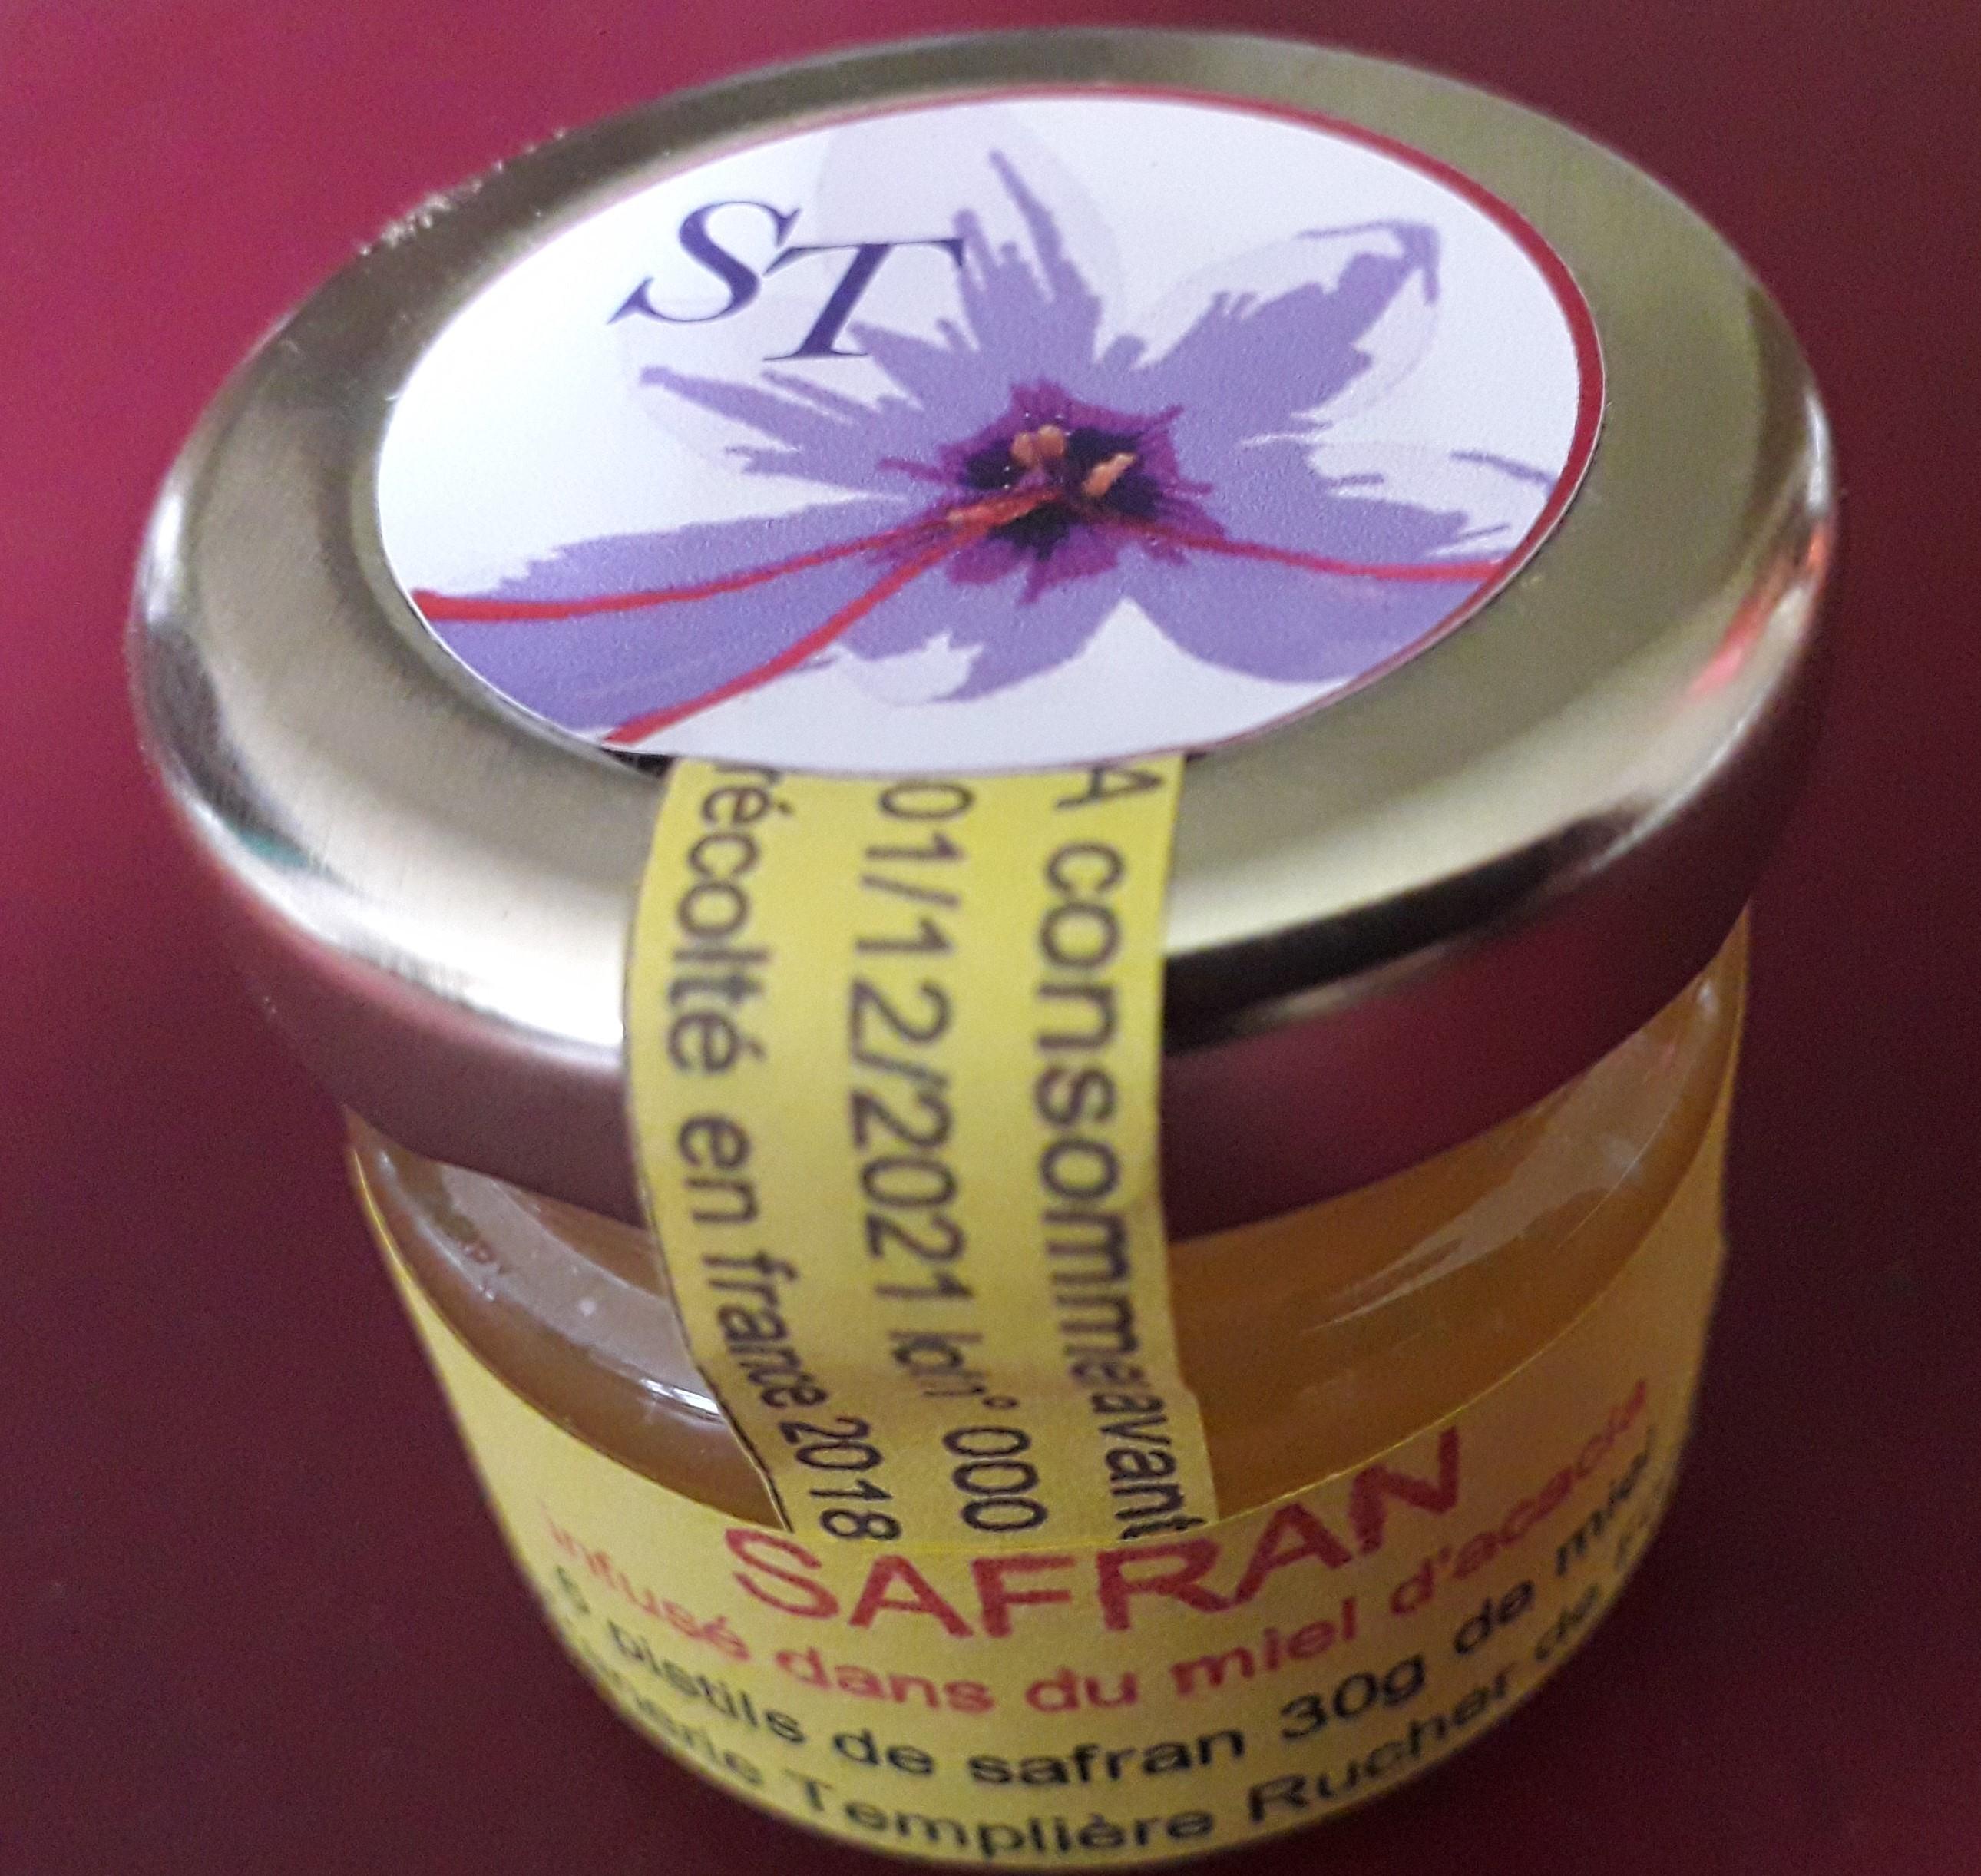 safran confit au miel